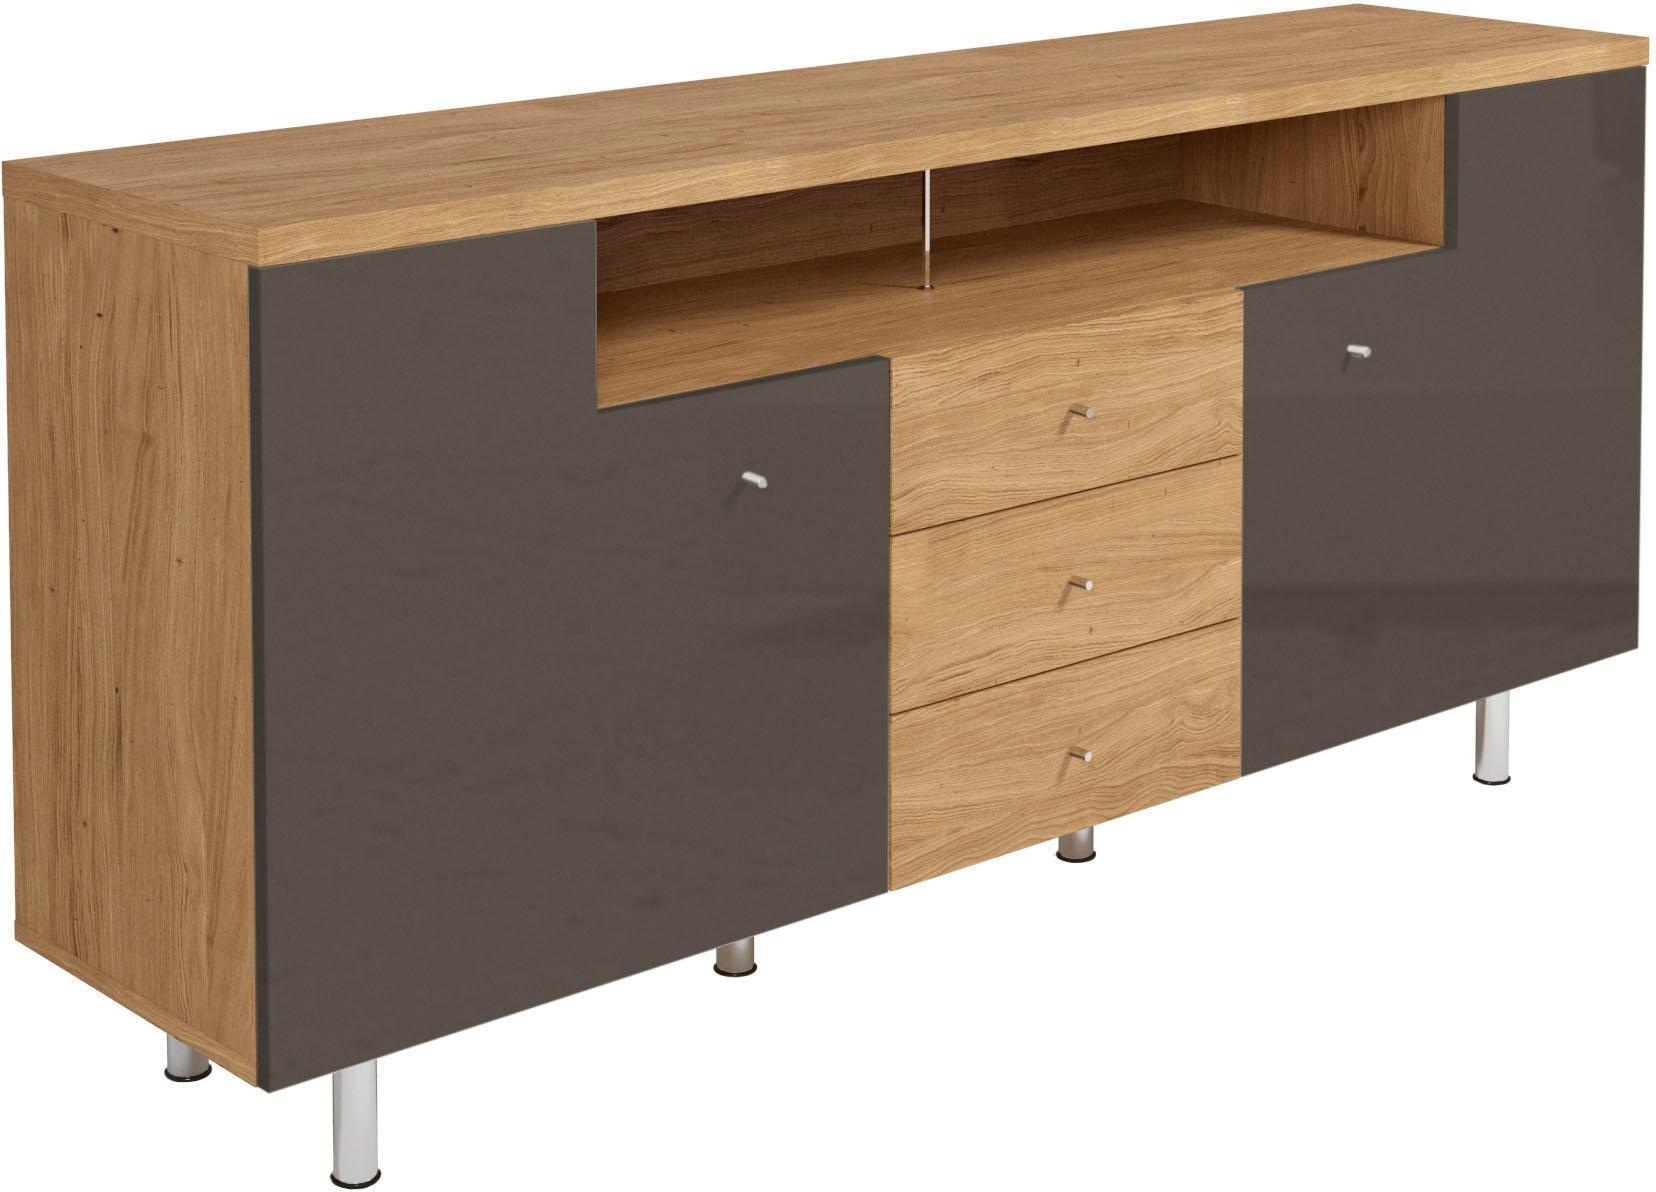 now! by hülsta Sideboard now! time mit offenem Fach Breite 190 cm